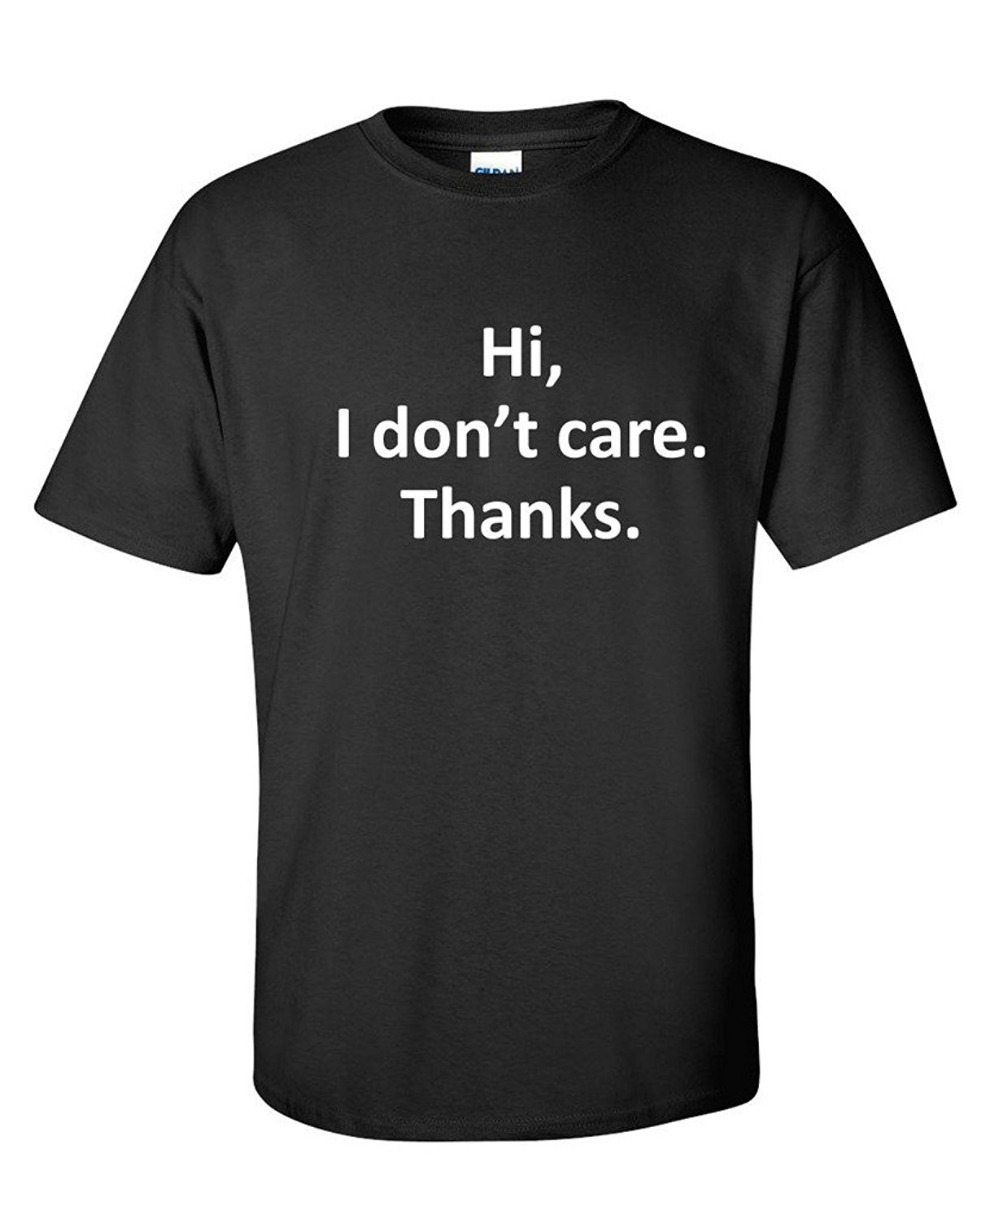 Логотип футболки короткий рукав Привет, я не Средства ухода за мотоциклом спасибо сарказм Прохладный подарок утверждал Графический Fashion Crew ...